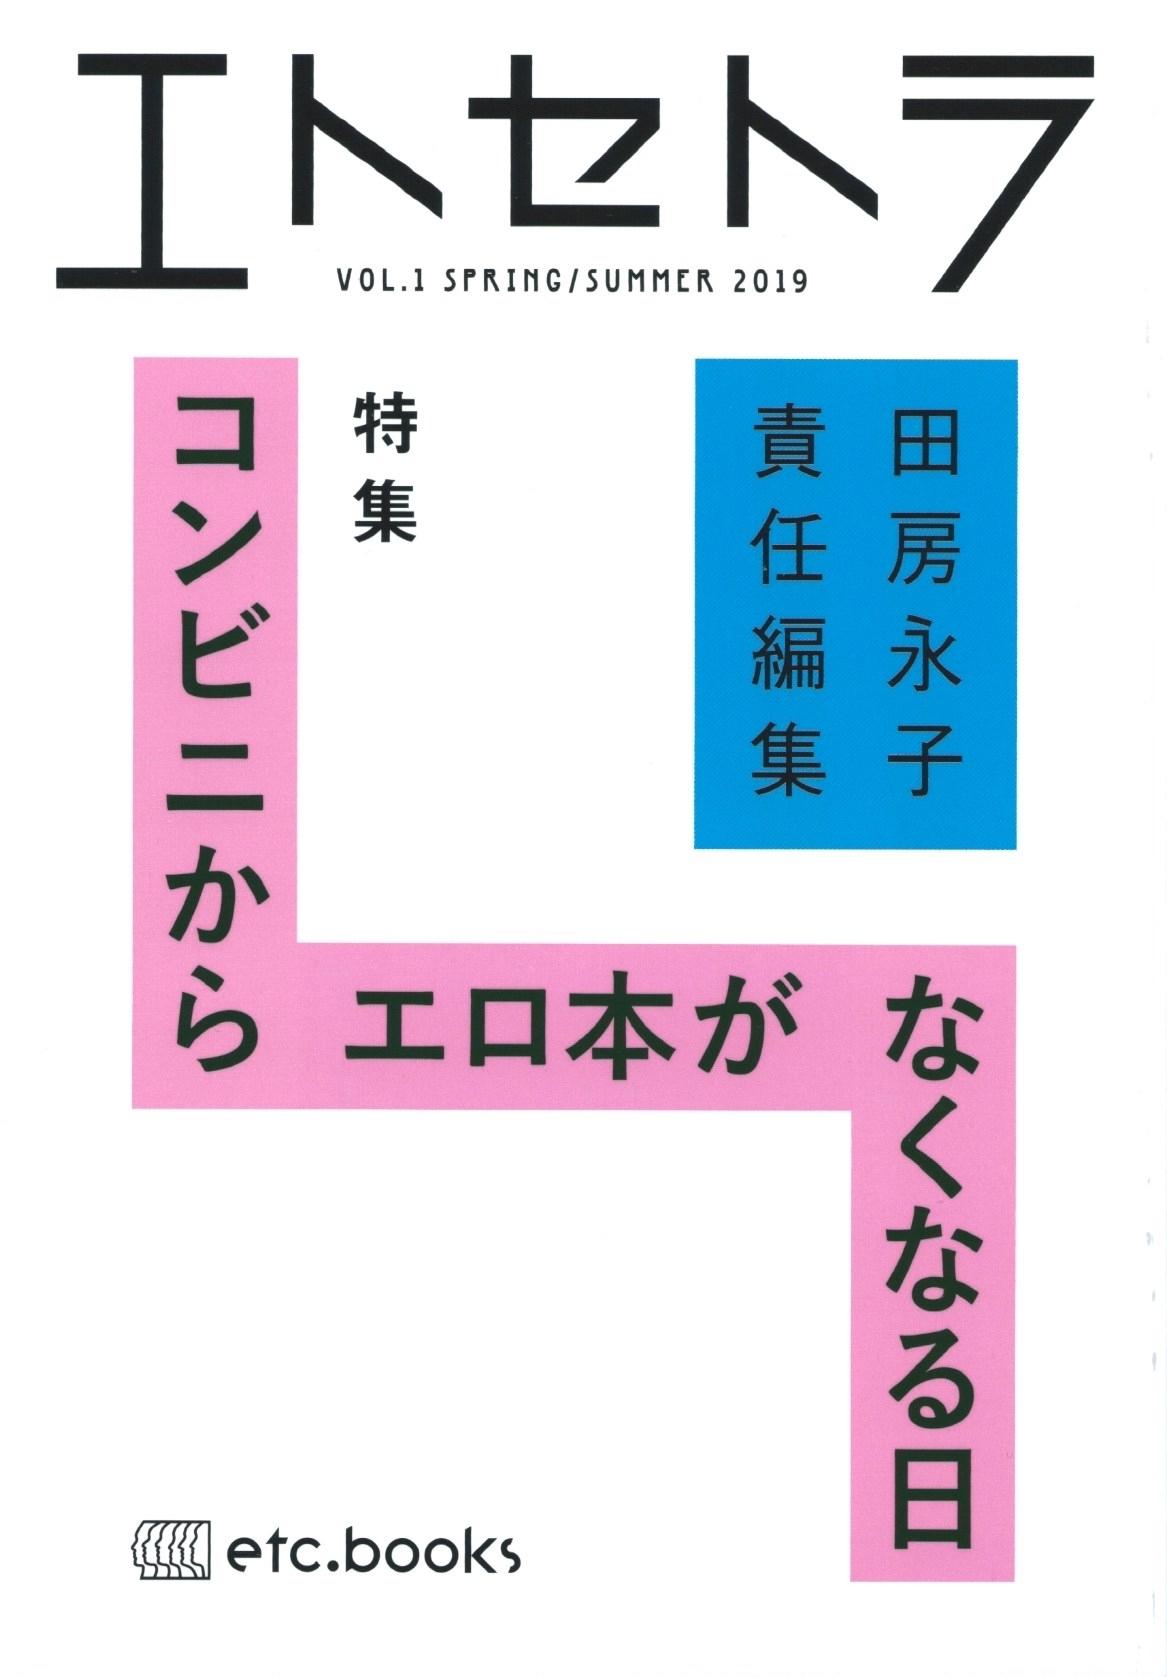 エトセトラ VOL.1 特集「コンビニからエロ本がなくなる日」